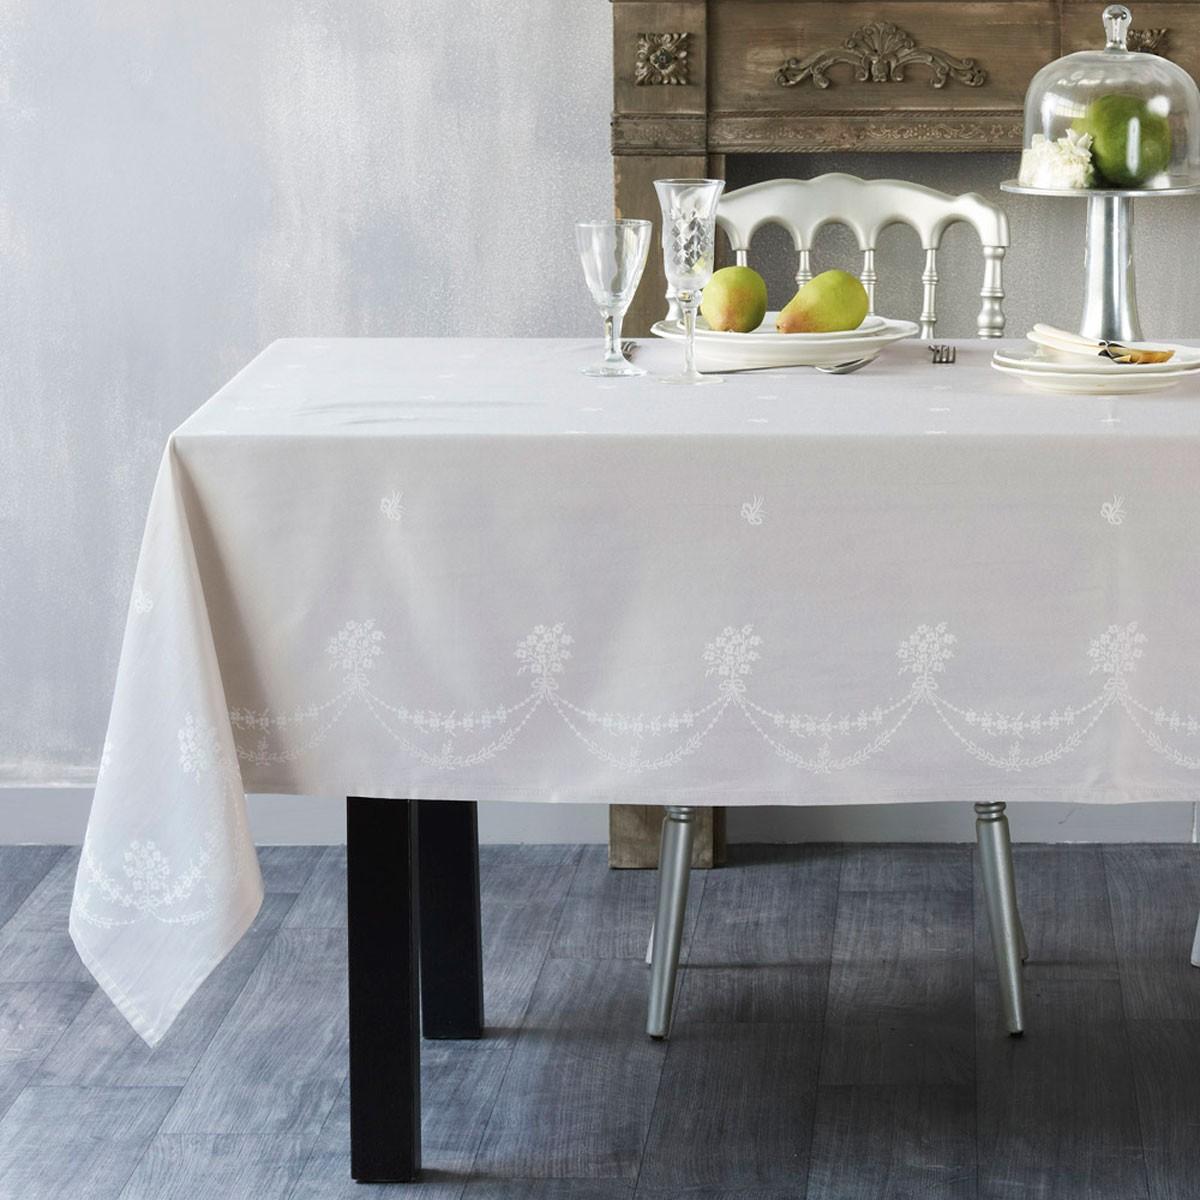 Τραπεζομάντηλο (160x310) Kentia Home Made Lille